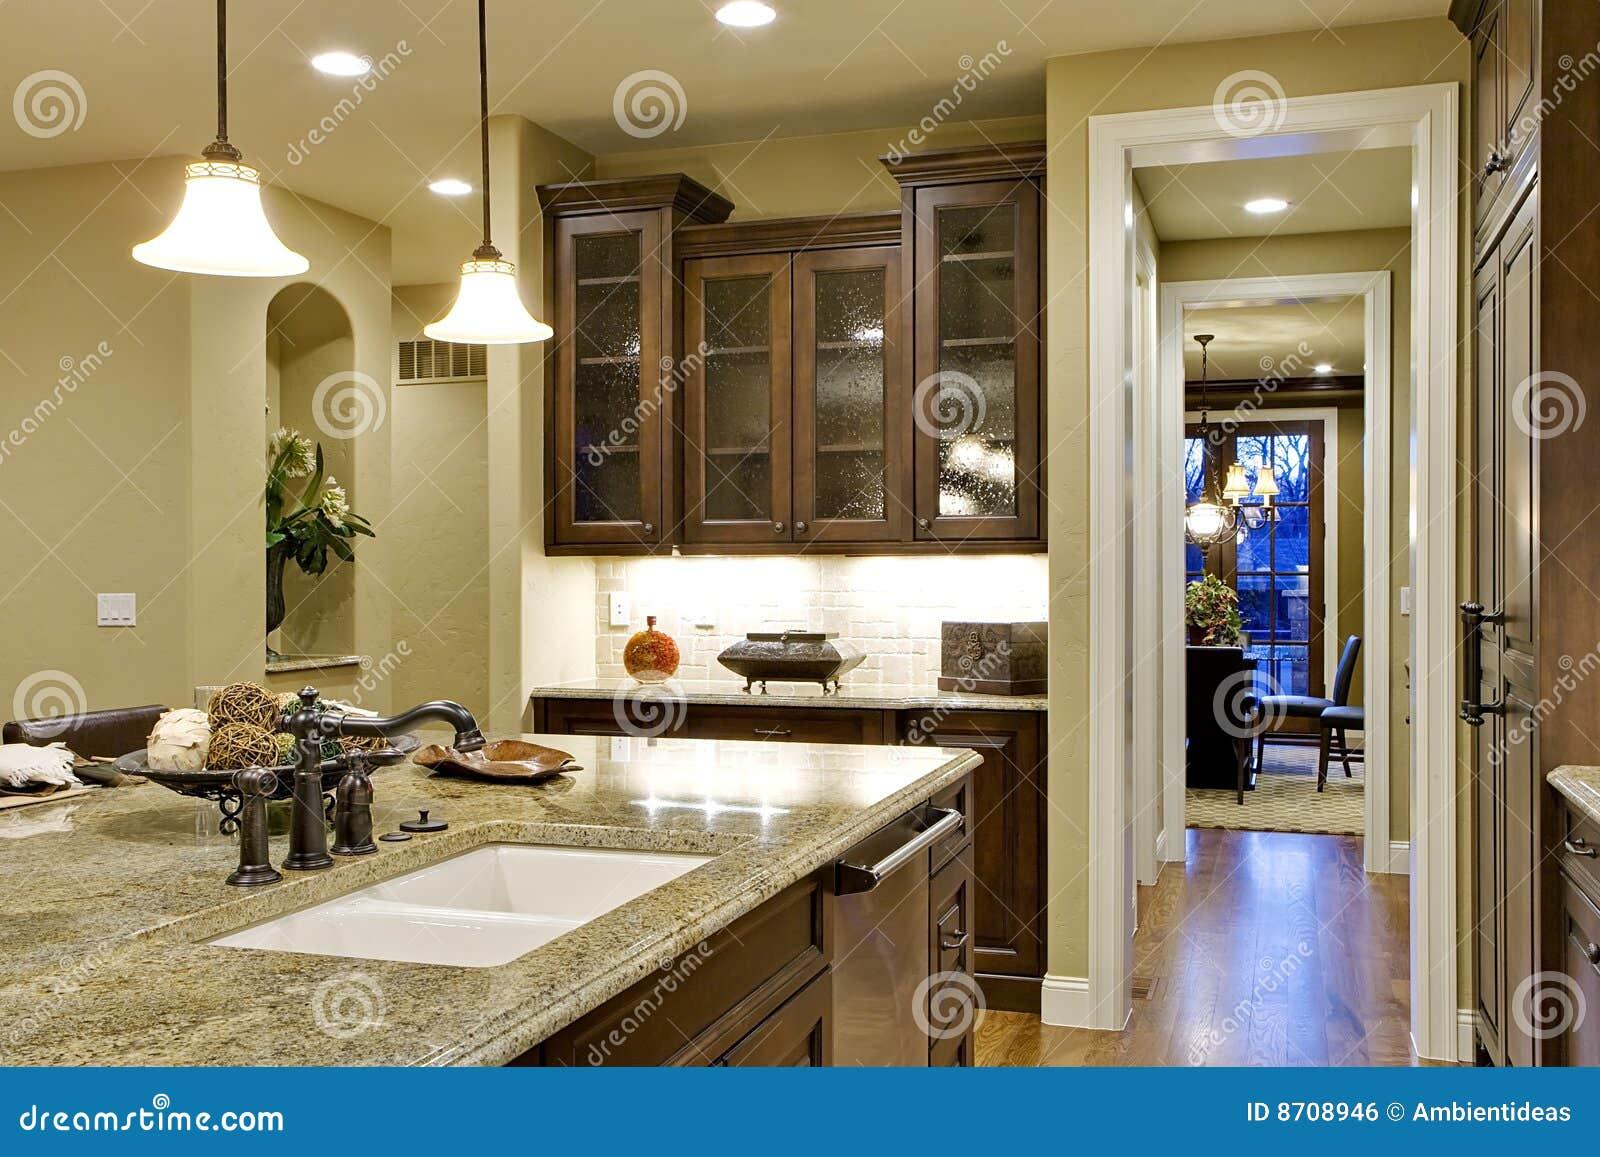 de Stock Royalty Free: Console e opinião de cozinha à sala de jantar #1E47AD 1300x957